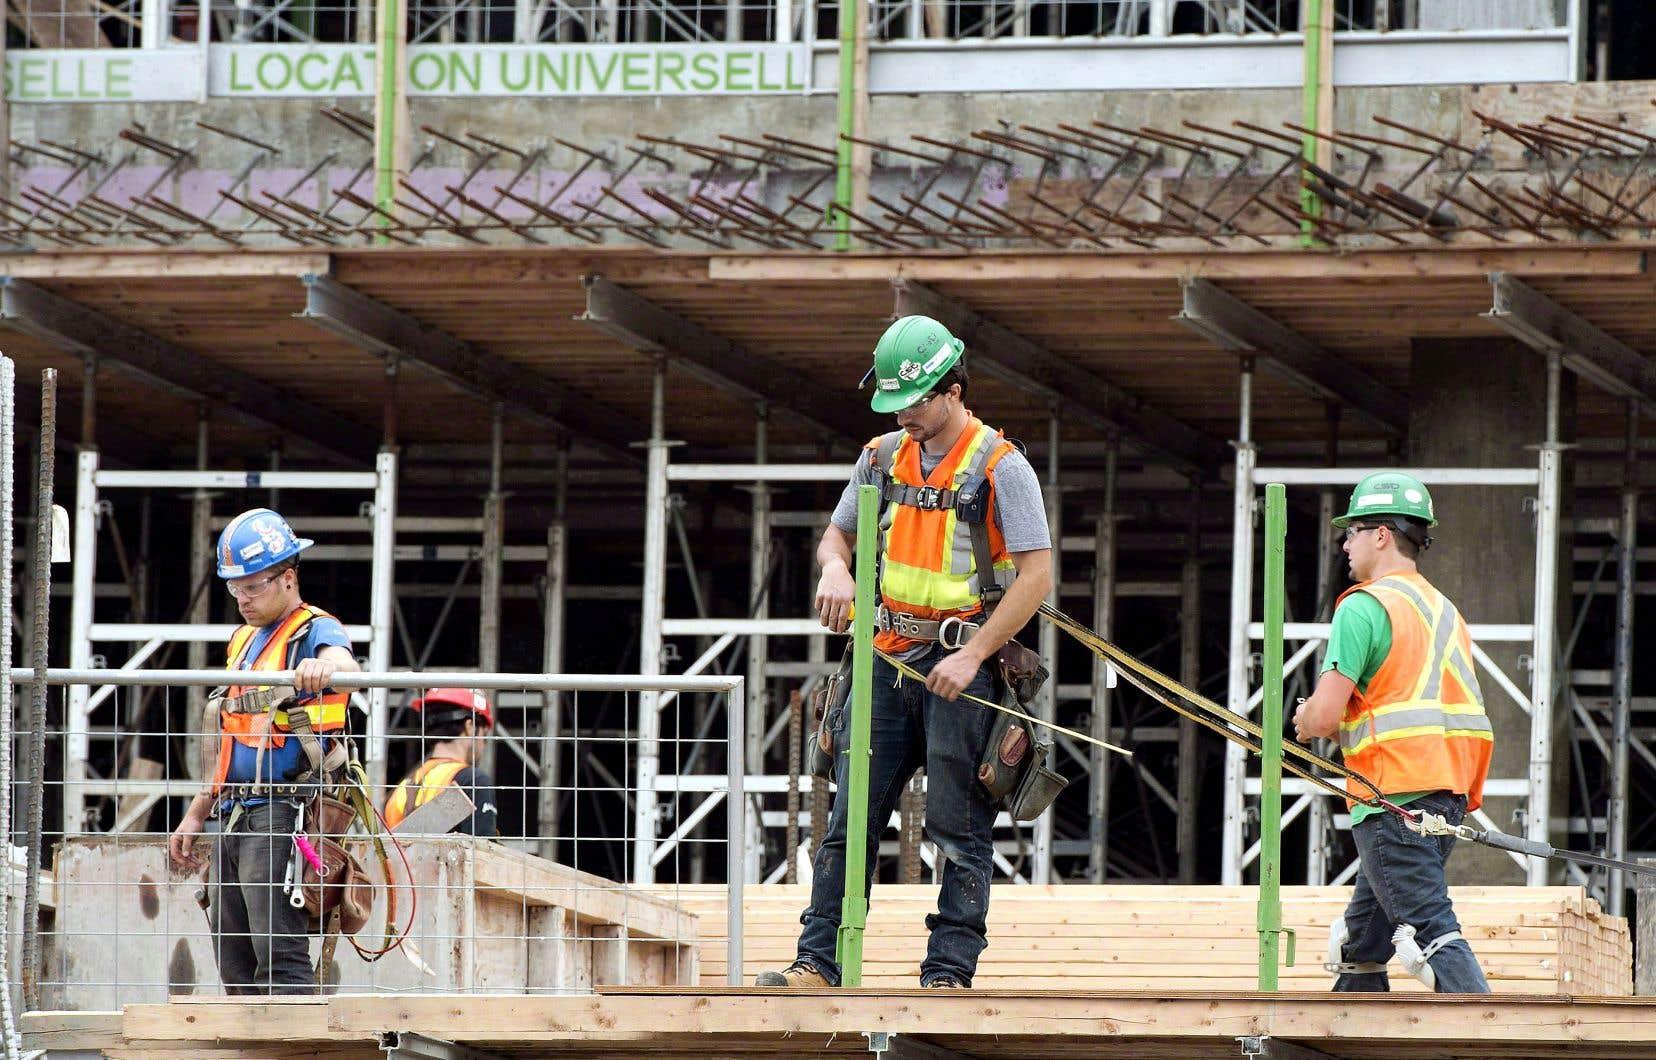 Le nombre total d'heures travaillées en juillet a progressé de 1,3%, soit à un rythme légèrement inférieur à celui de juin (1,4%).